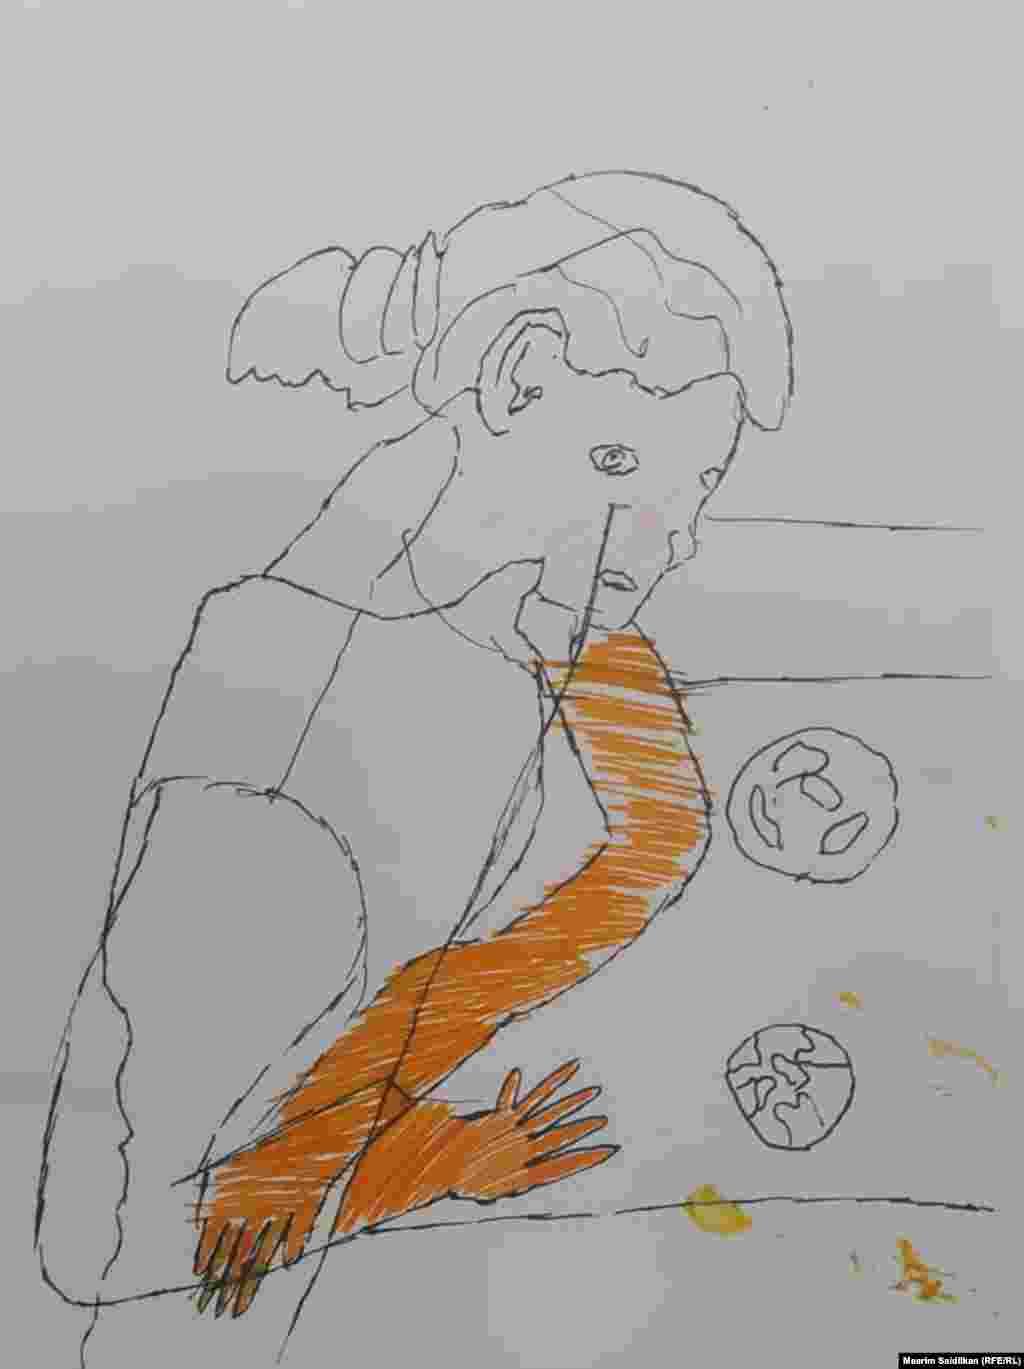 """Марлен Сулаймановдун """" Мугалимдин портрети """" аттуу эмгеги. Кара сыялуу калемсап менен тартылган сүрөт, июнь 2020"""